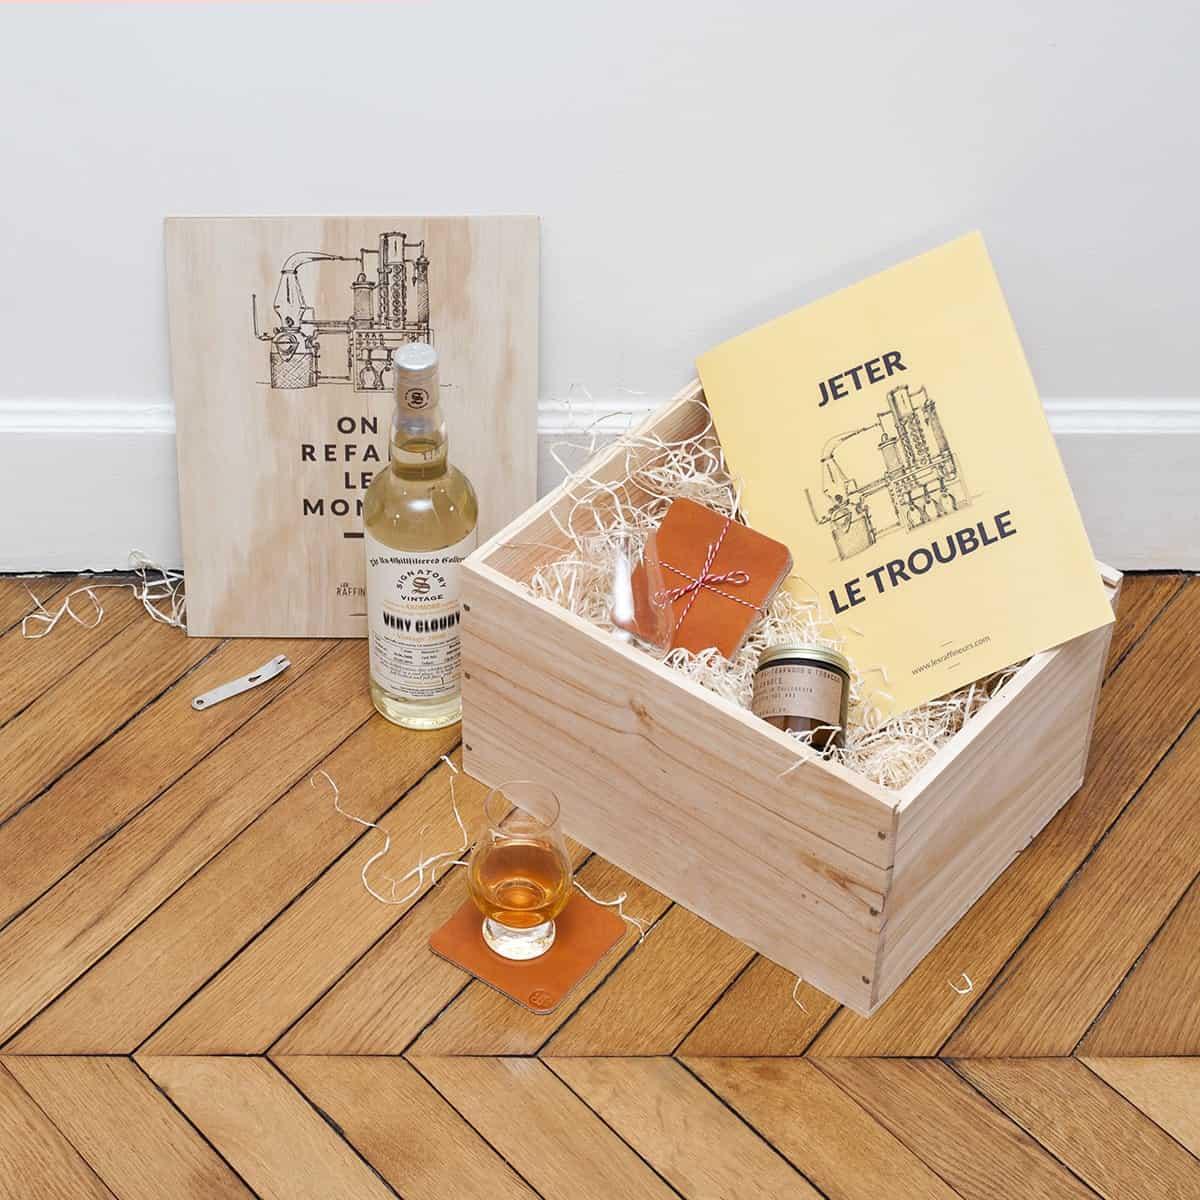 caisse de d gustation de whisky un crin en bois pour une exp rience de d gustation. Black Bedroom Furniture Sets. Home Design Ideas